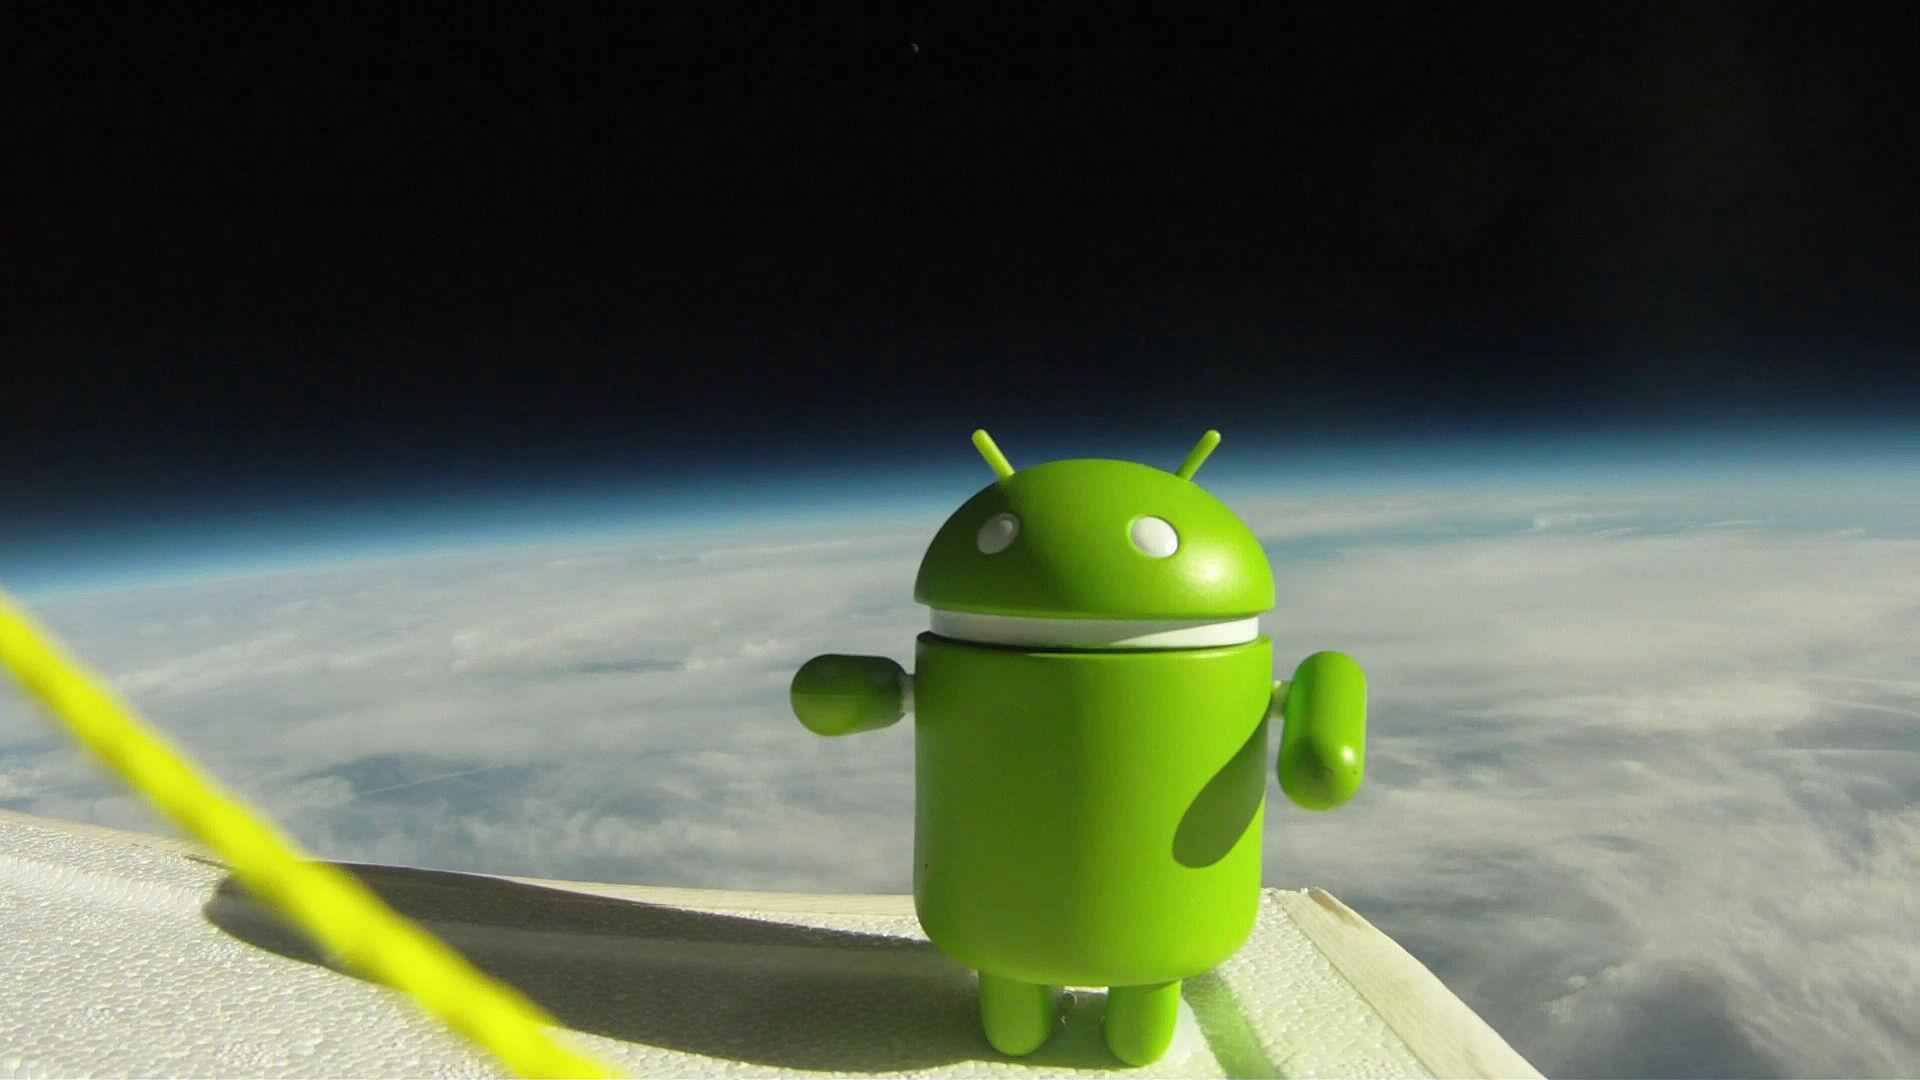 安卓再曝零日漏洞,谷歌/三星/华为/小米等多款手机可被控制插图1